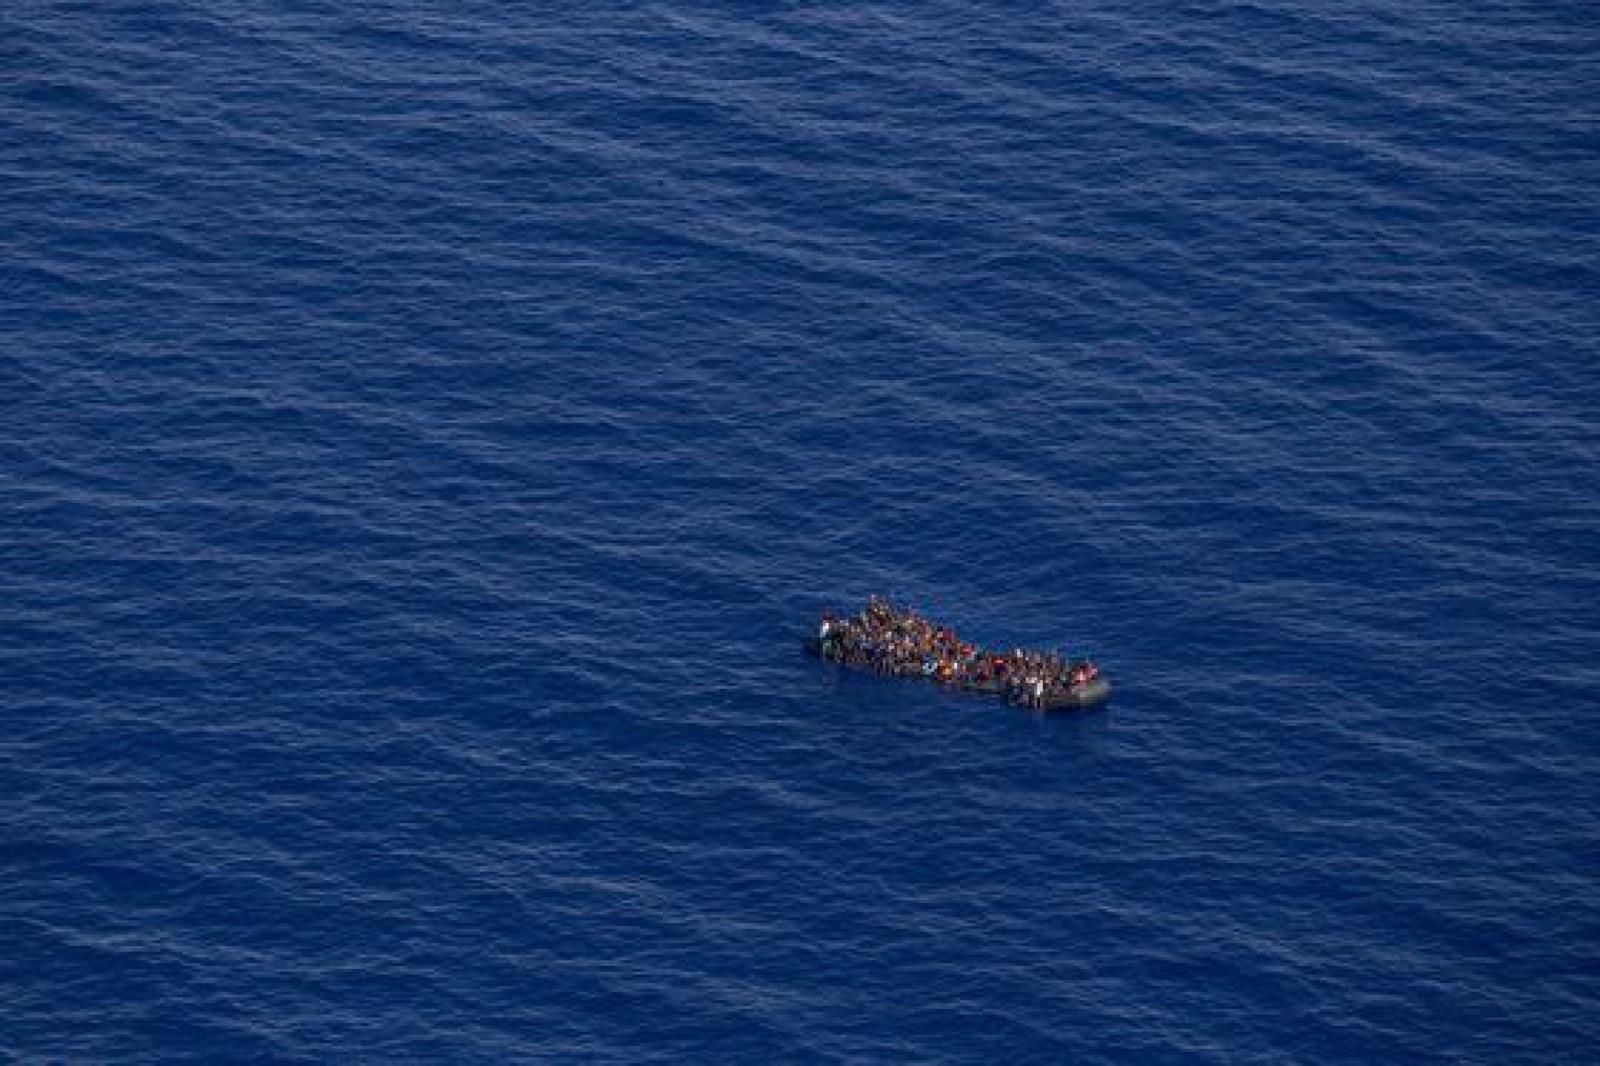 Peste 600 de imigranţi s-au înecat în Marea Mediterană în ultimele patru săptămâni